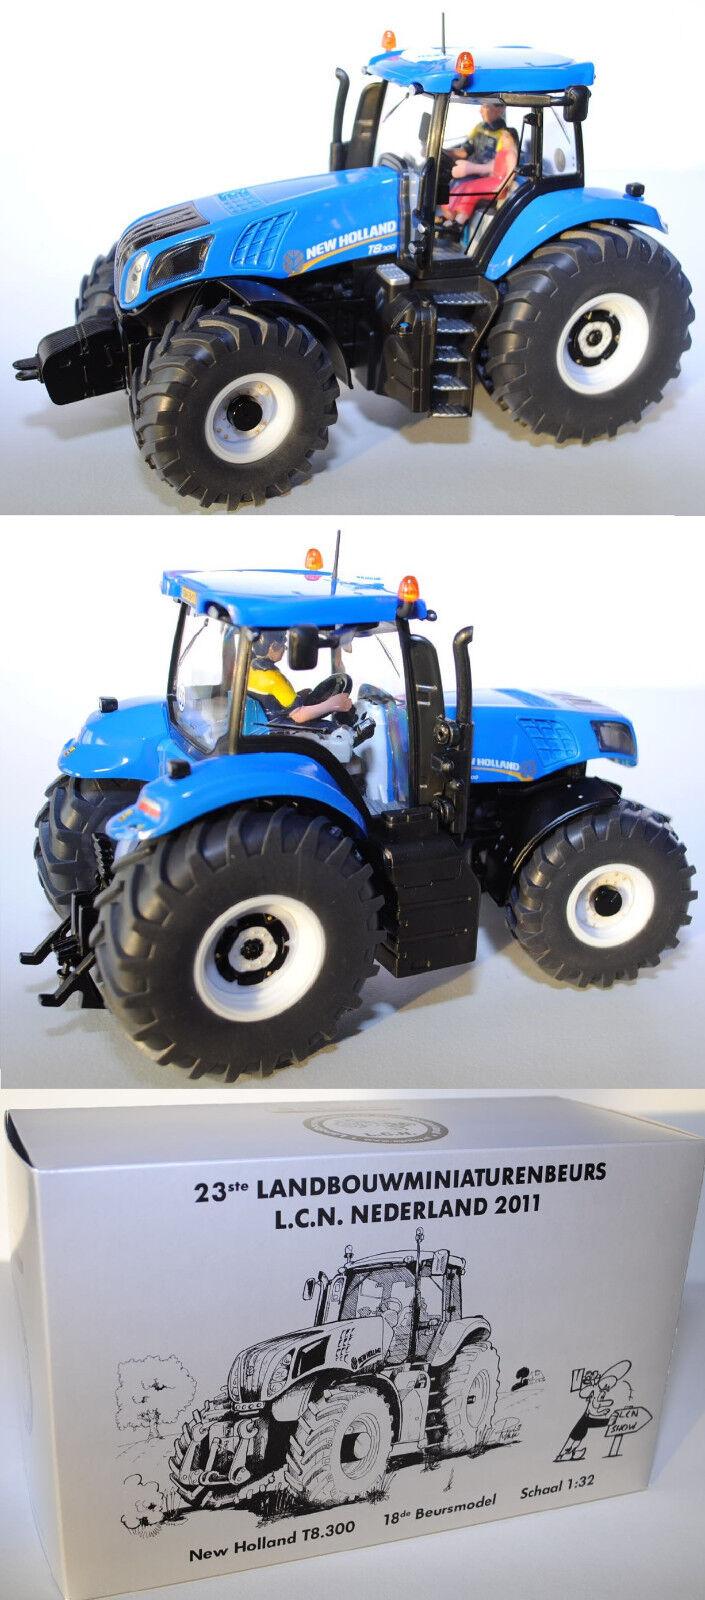 Siku Farmer 3273 NEW HOLLAND t8.300 Trattore, l.c.n. totali 2011 modello speciale